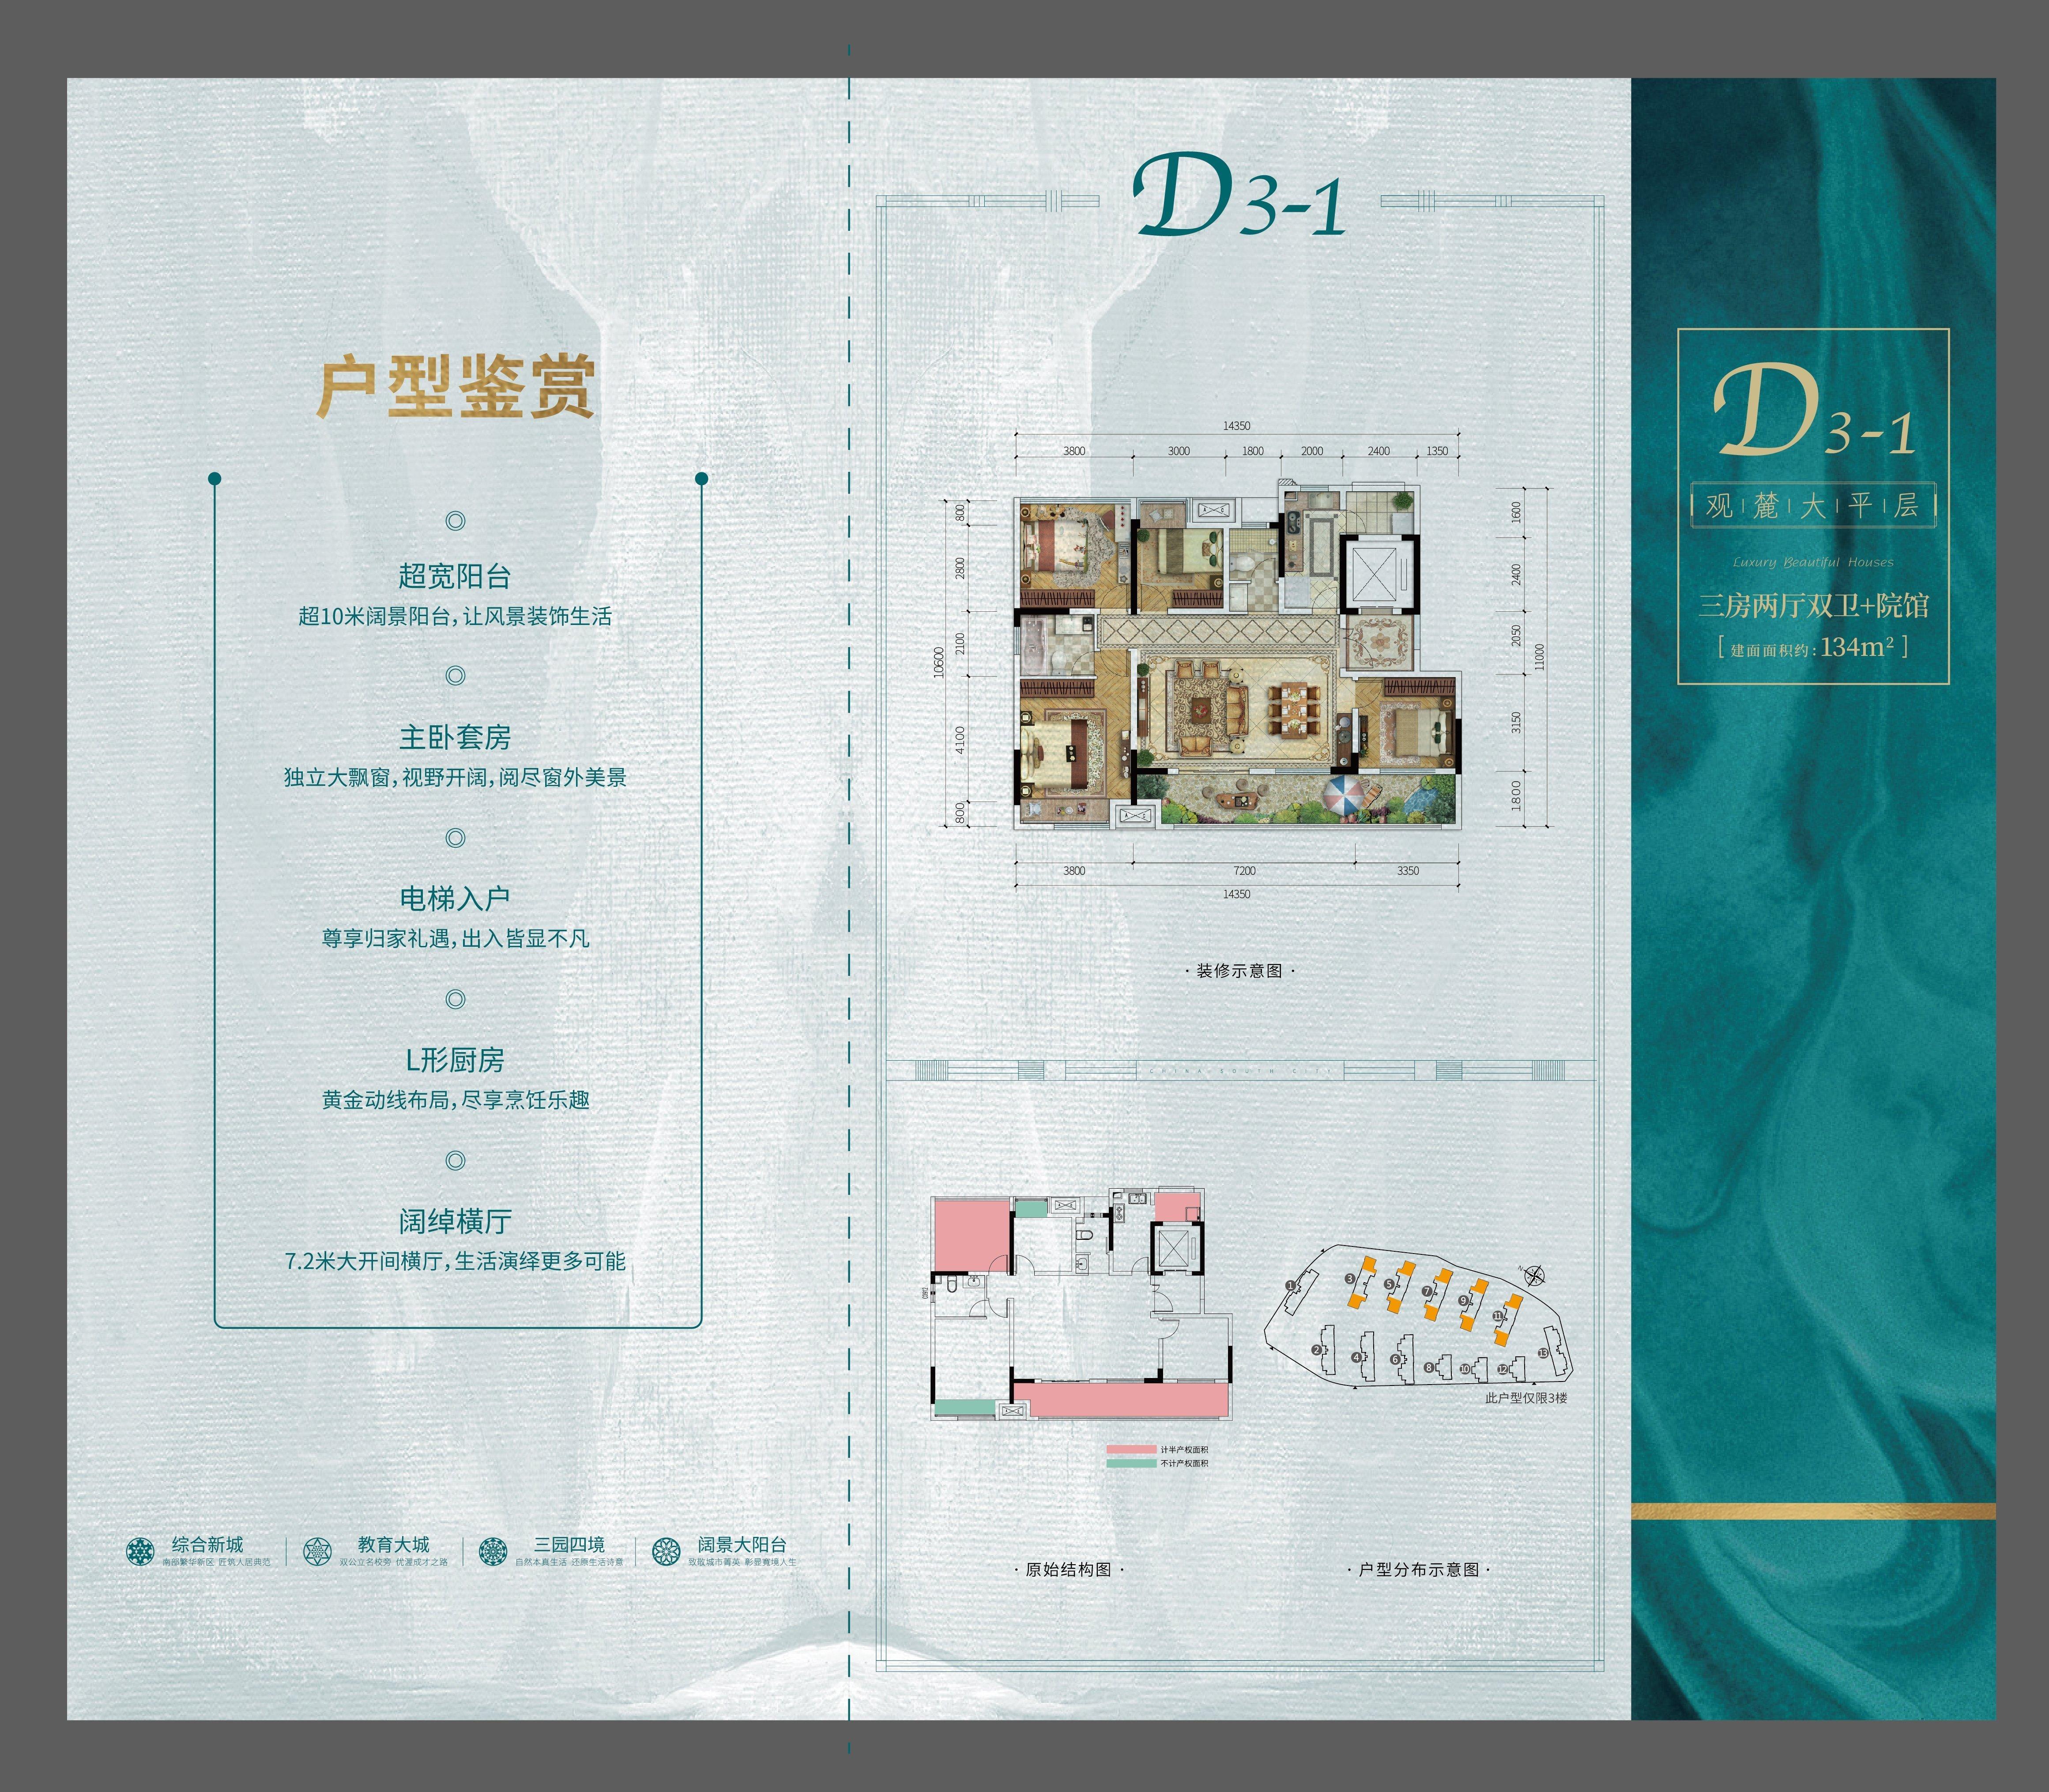 巴南区界石华南城巴南华府新房D3-1户型图